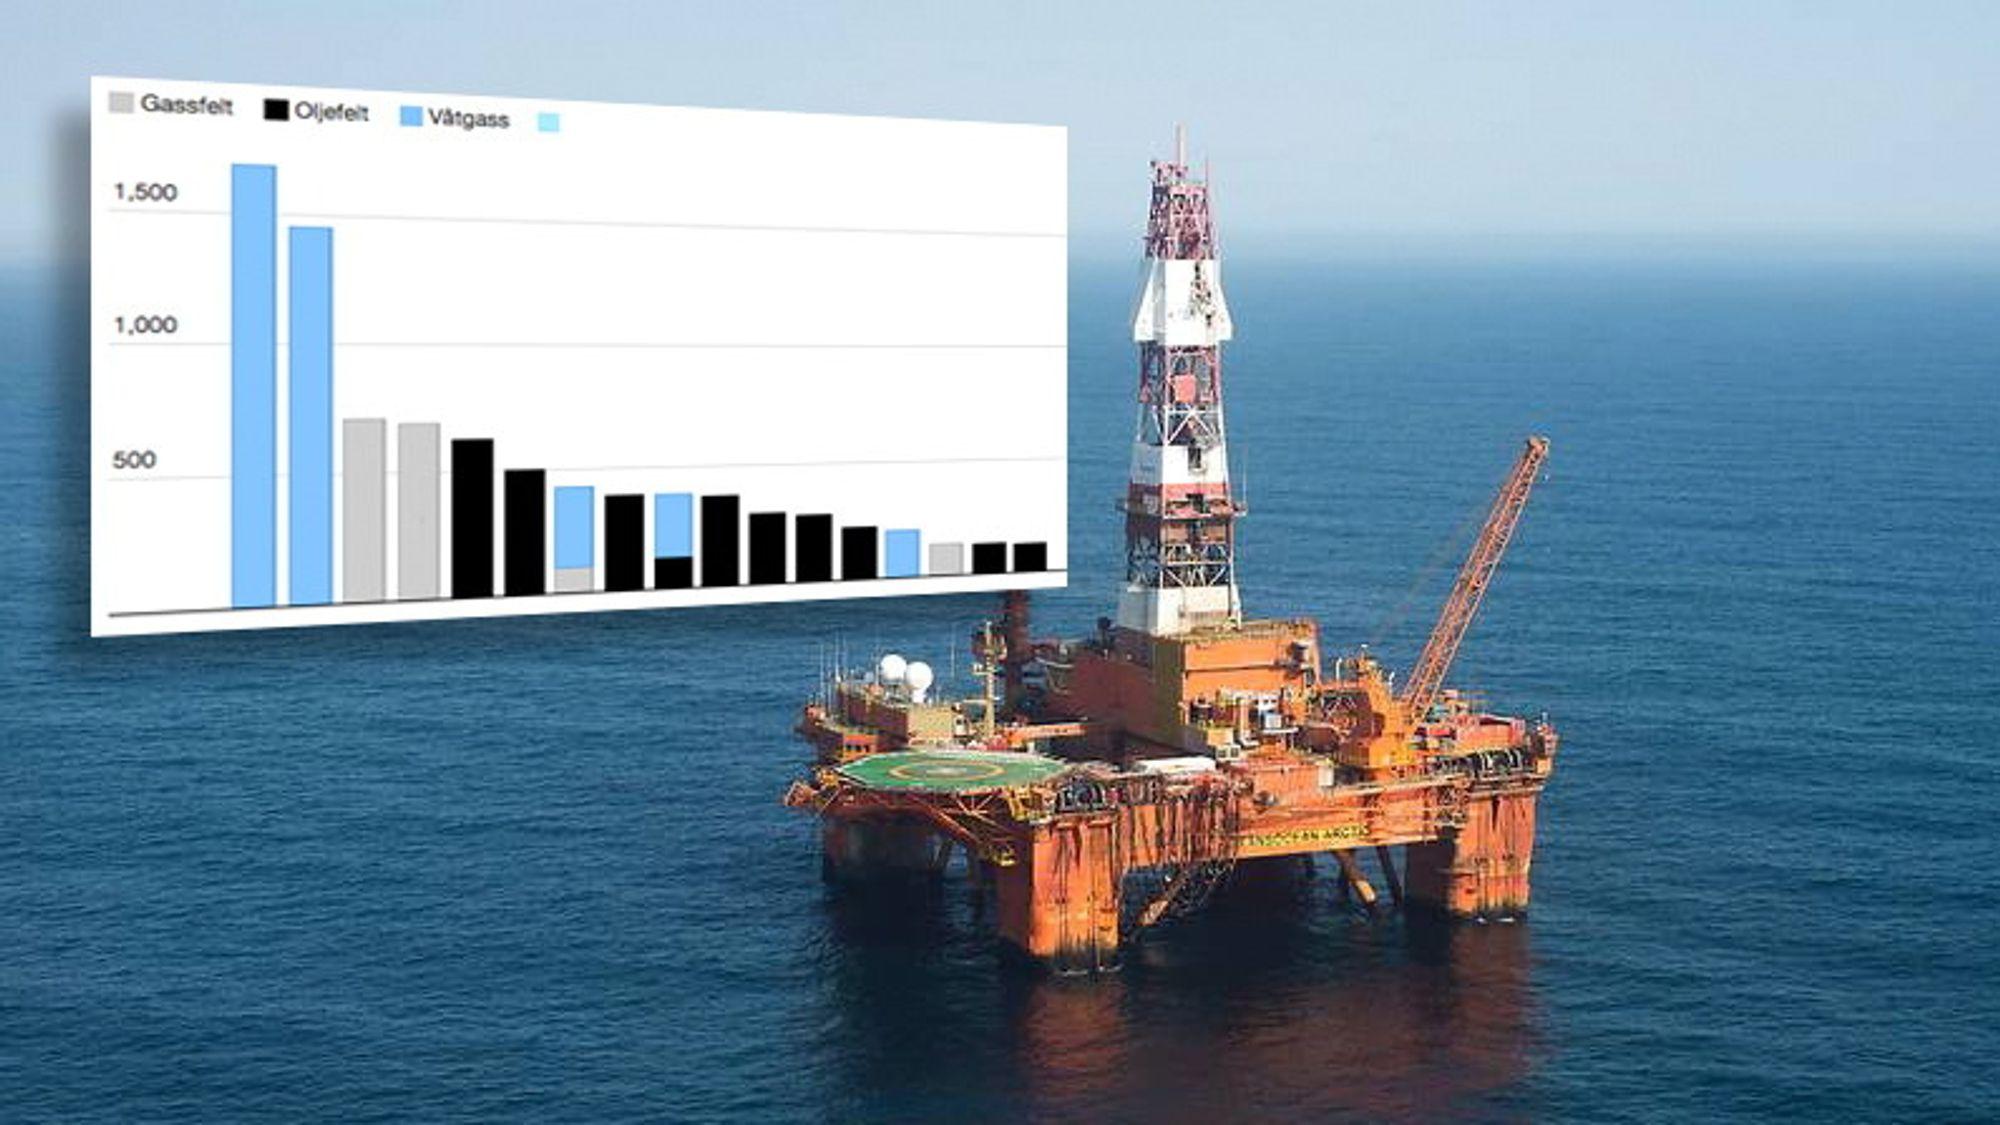 Det ble gjort en rekke store olje- og gassfunn i fjor. De aller største var gassfunn. Verdens femte største oljefunn ble imidlertid gjort av Lundin her i Norge.